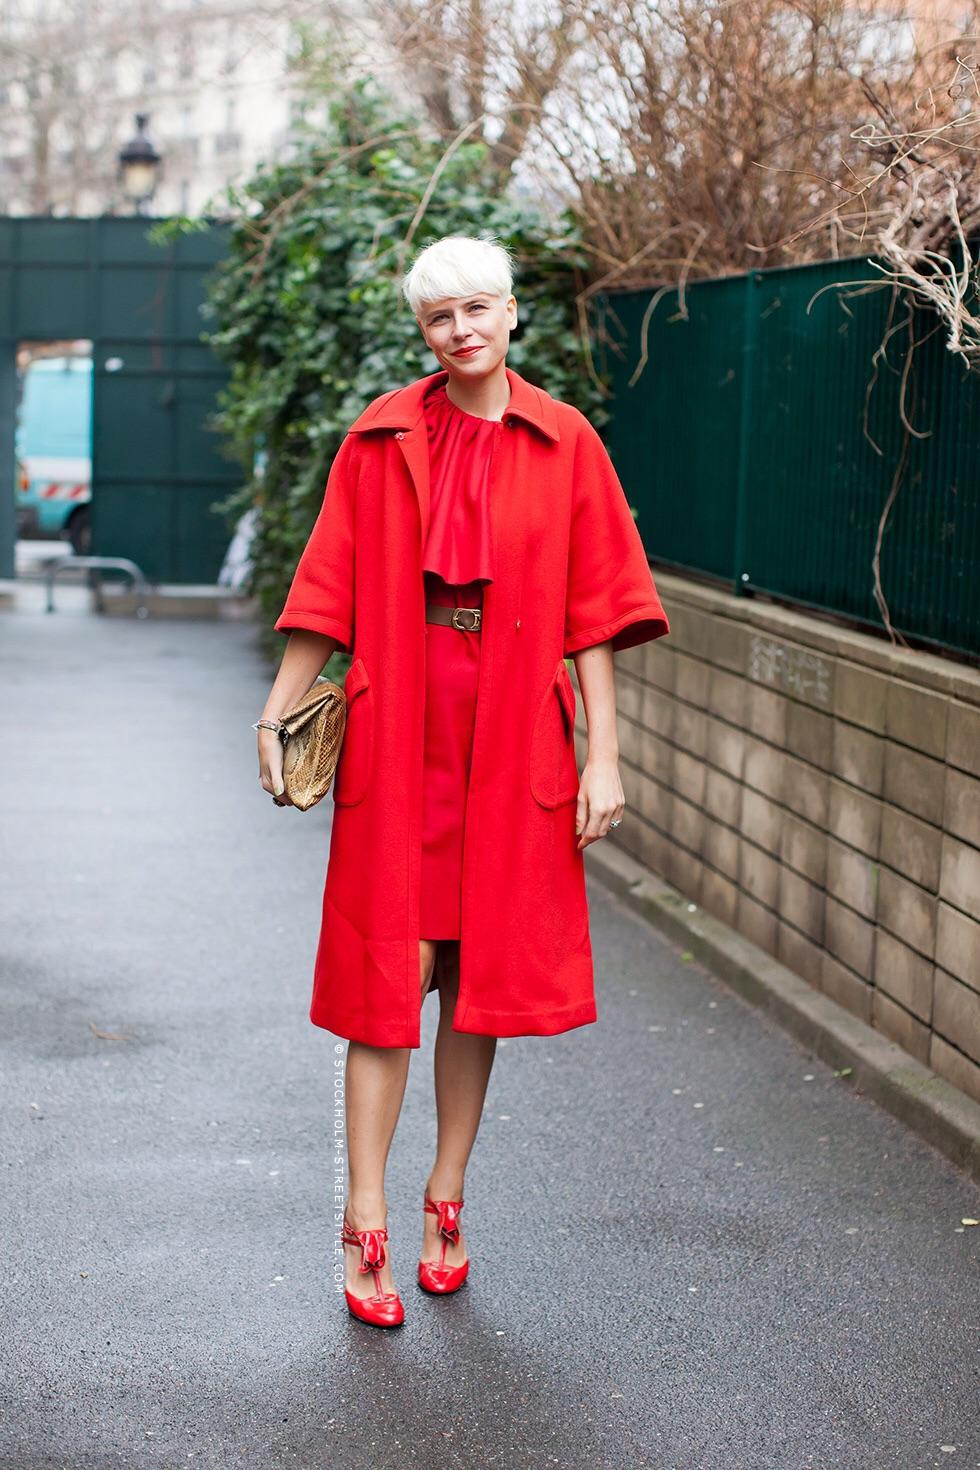 Страстный красный цвет в одежде – сочетание красного платья, пальто и туфель